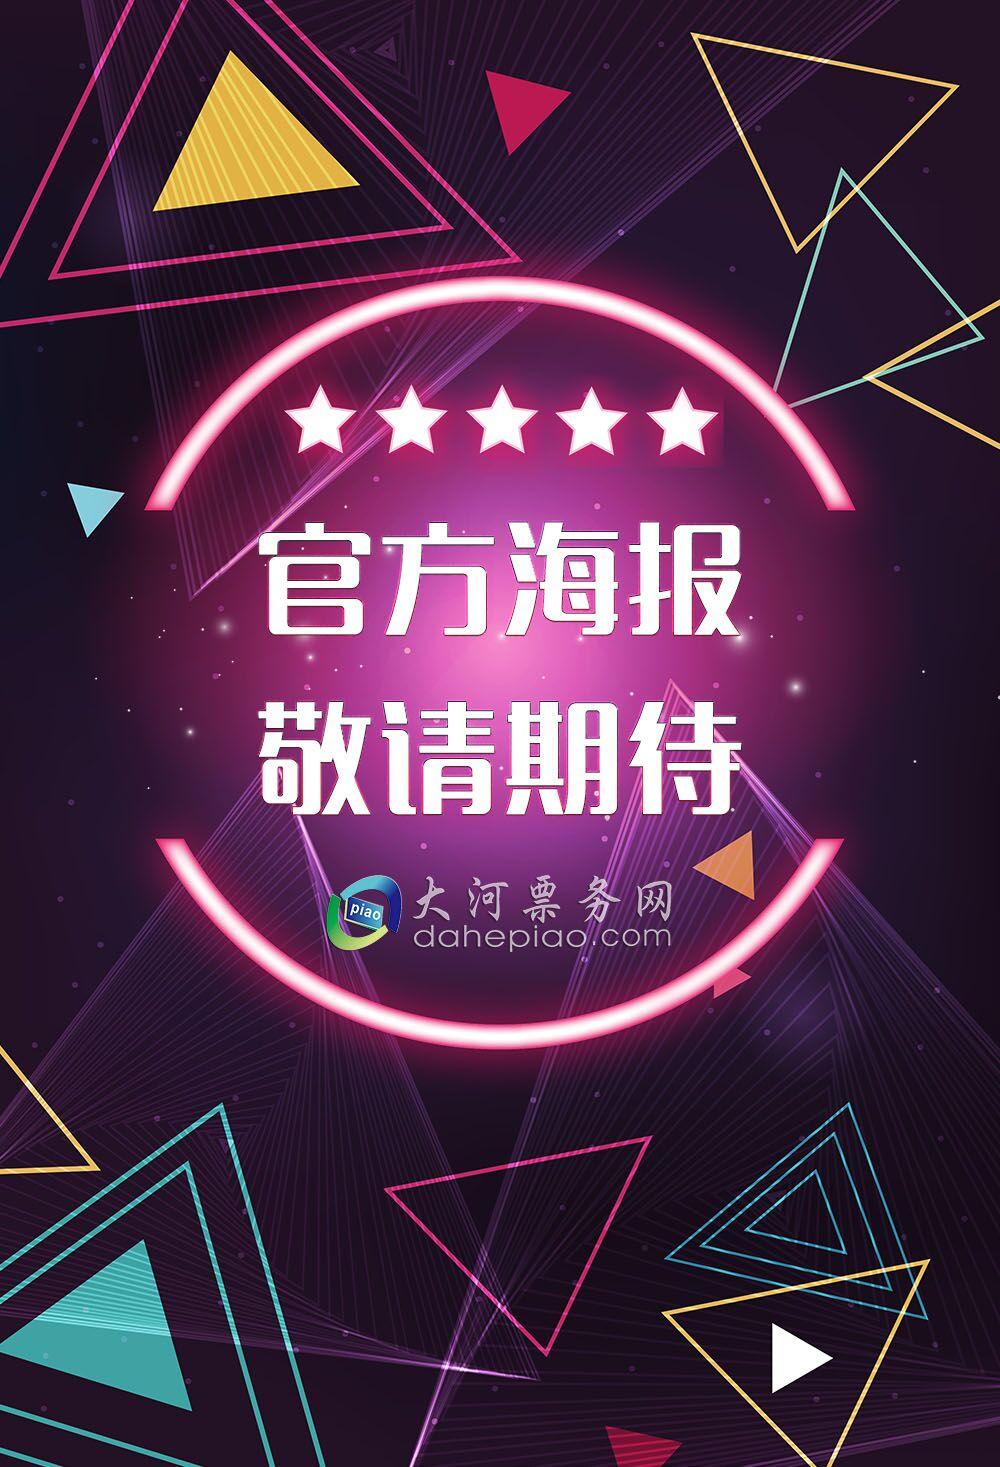 绵阳电竞音乐节